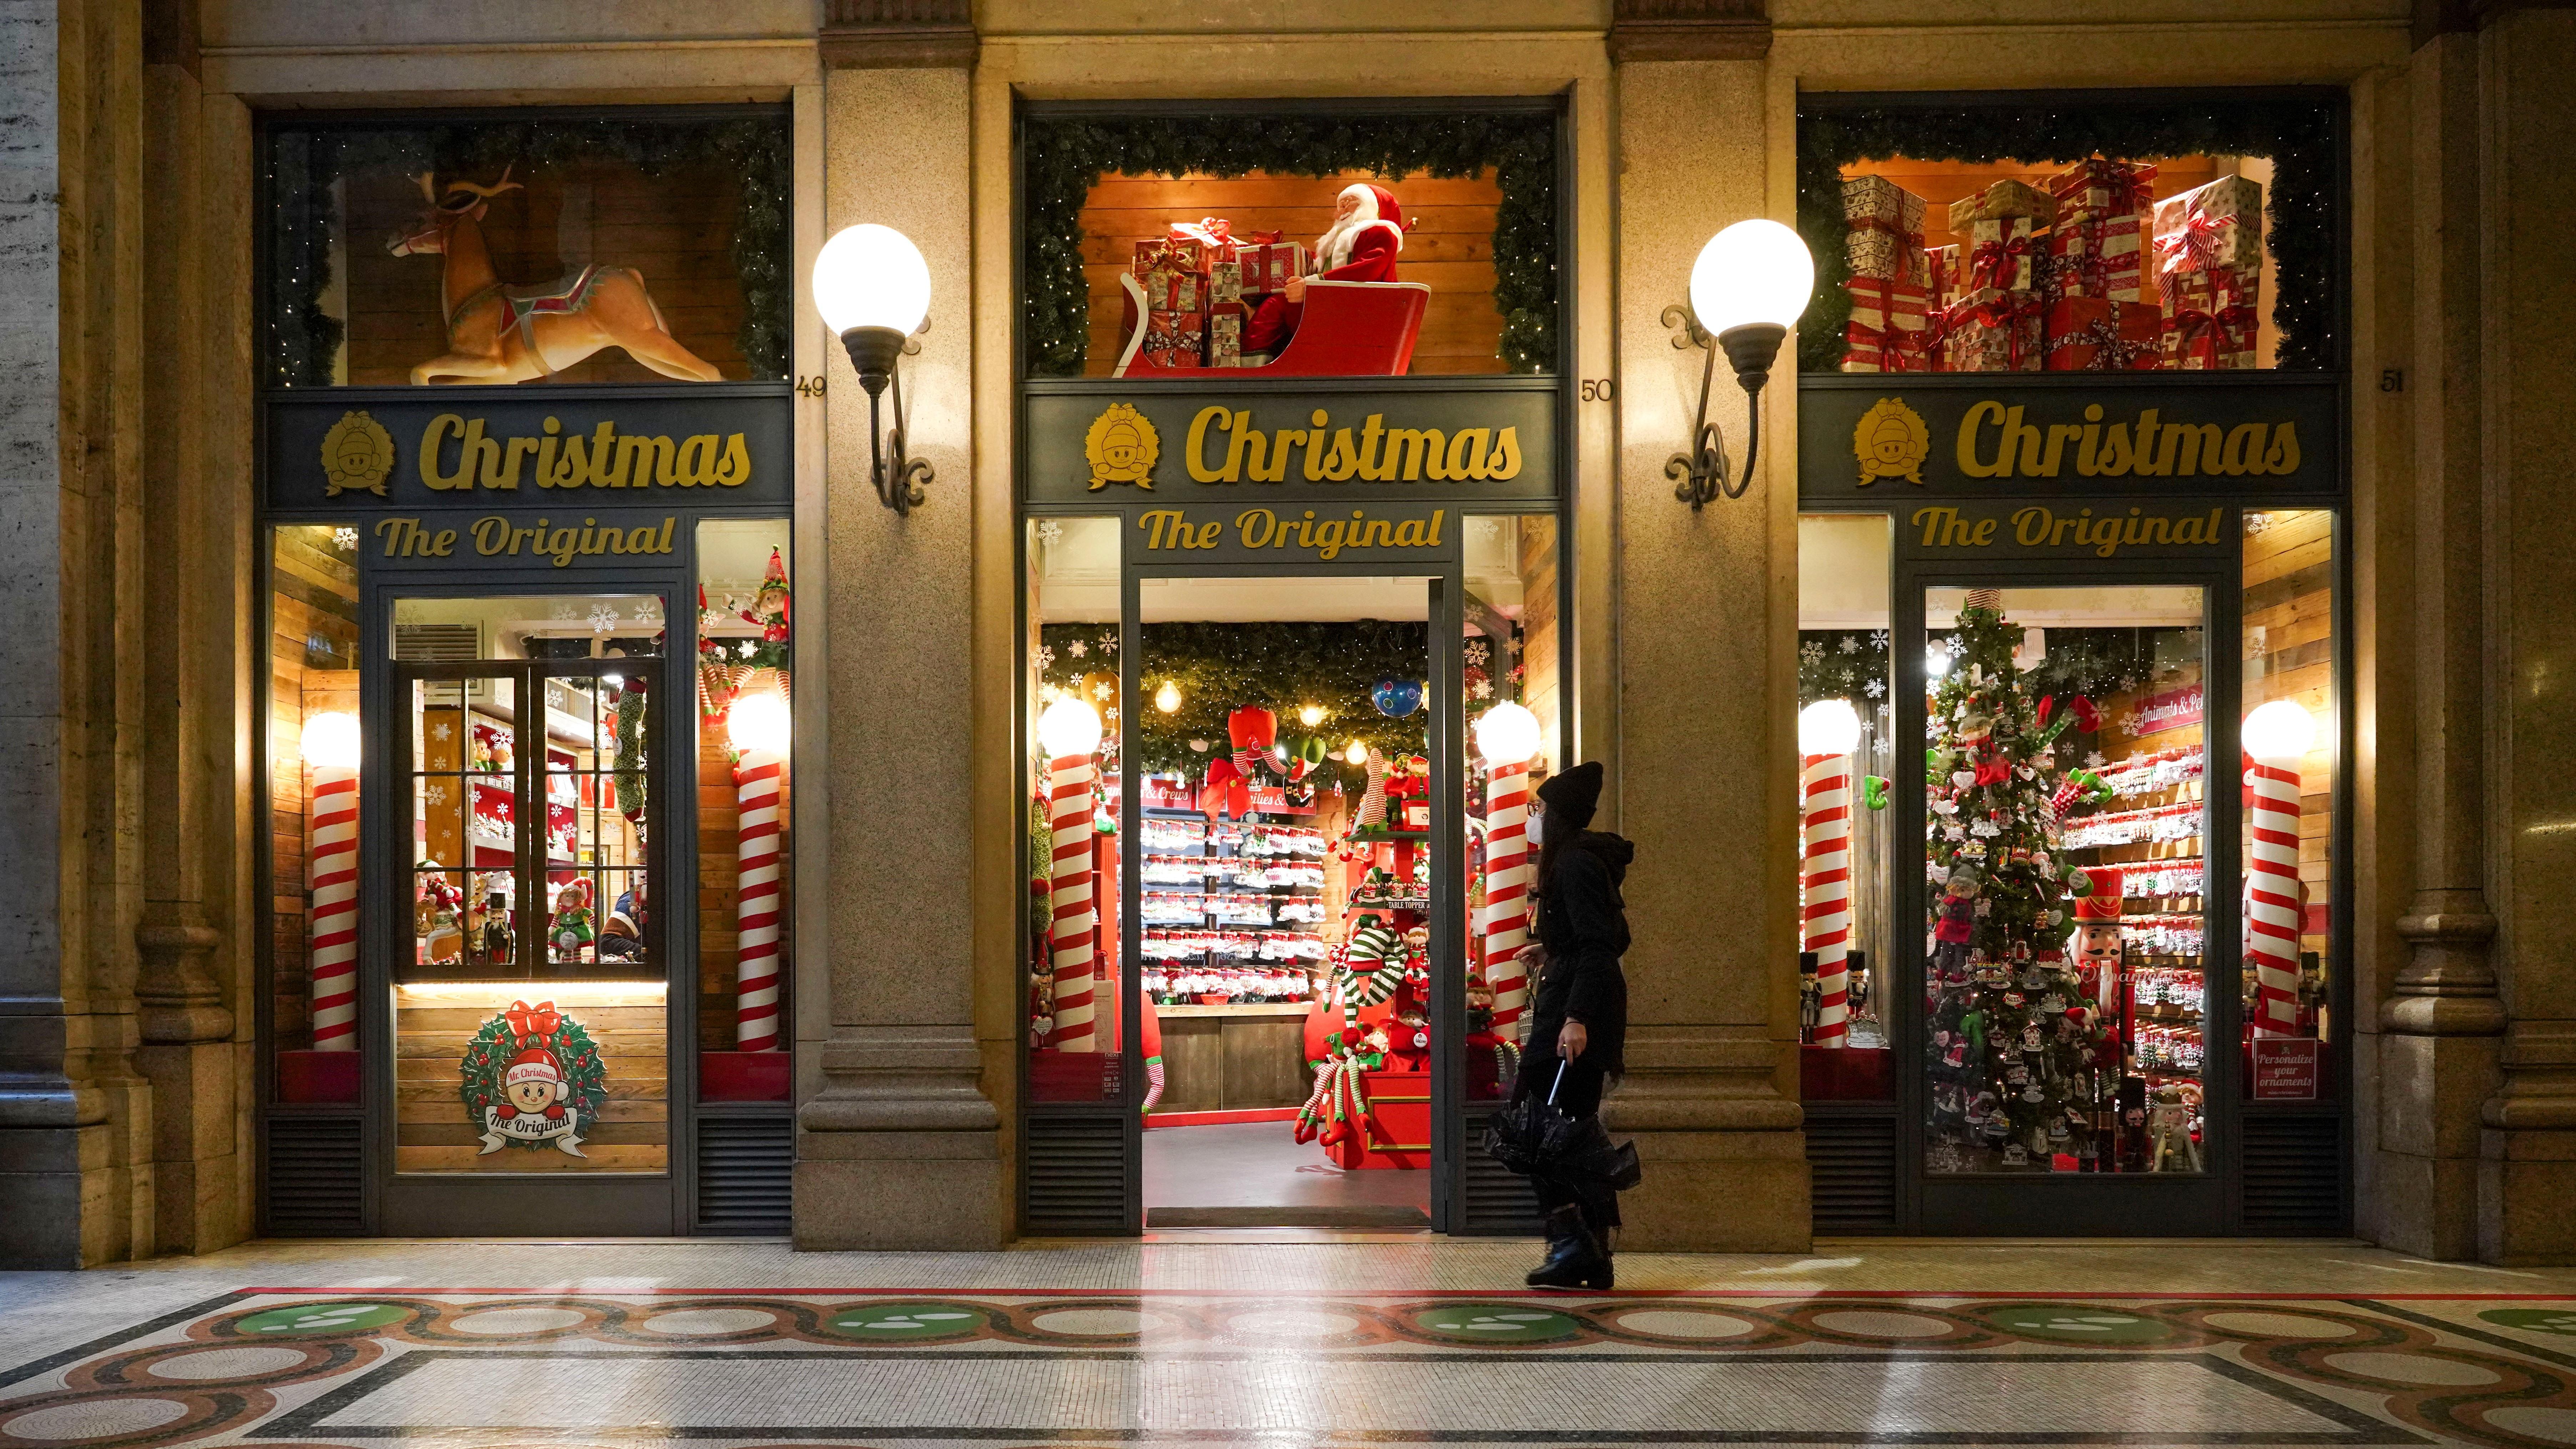 Karácsonyi dekorációkat árusító üzlet bejárata Rómában 2020. december 2-án. Az olasz egészségügyi minisztérium bejelentése szerint az ország több mint 200 millió adag koronavírus elleni vakcinát kötött le.MTI/AP/Andrew Medichini